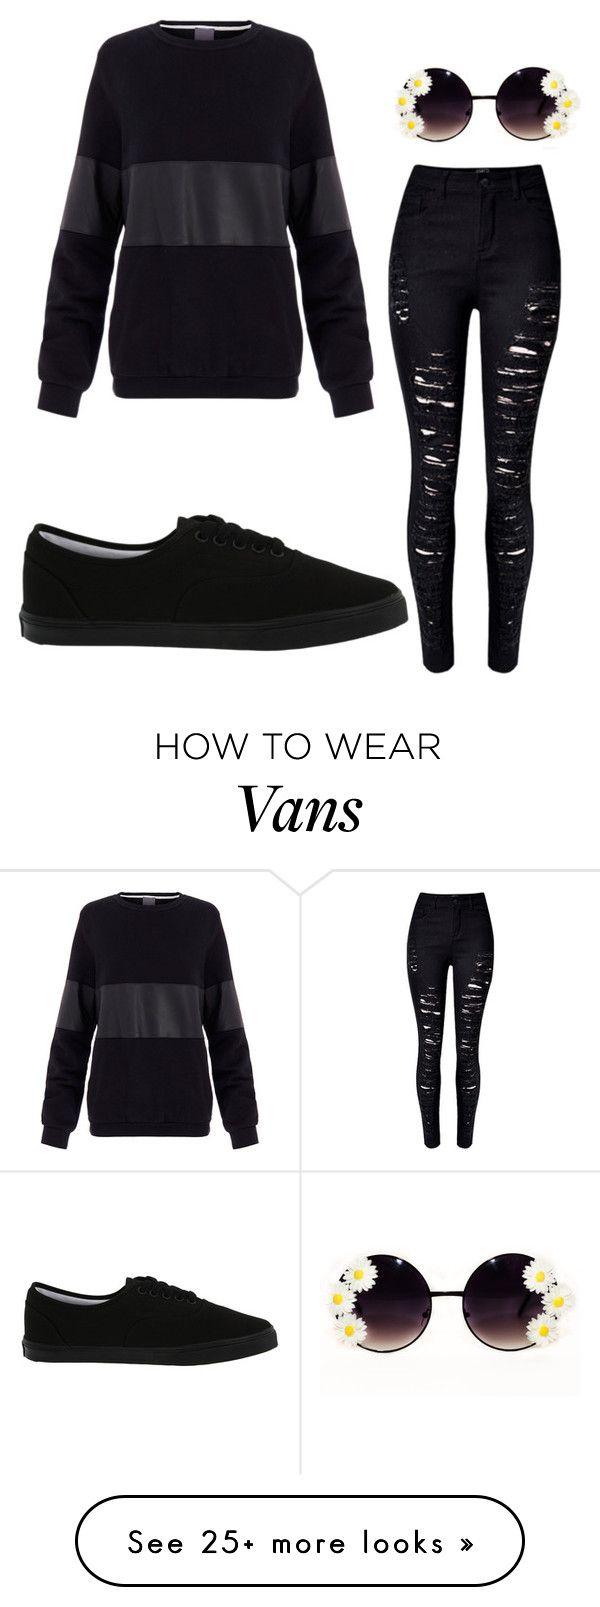 25+ best ideas about Vans Women on Pinterest | Vans sneakers Van shoes and Vans